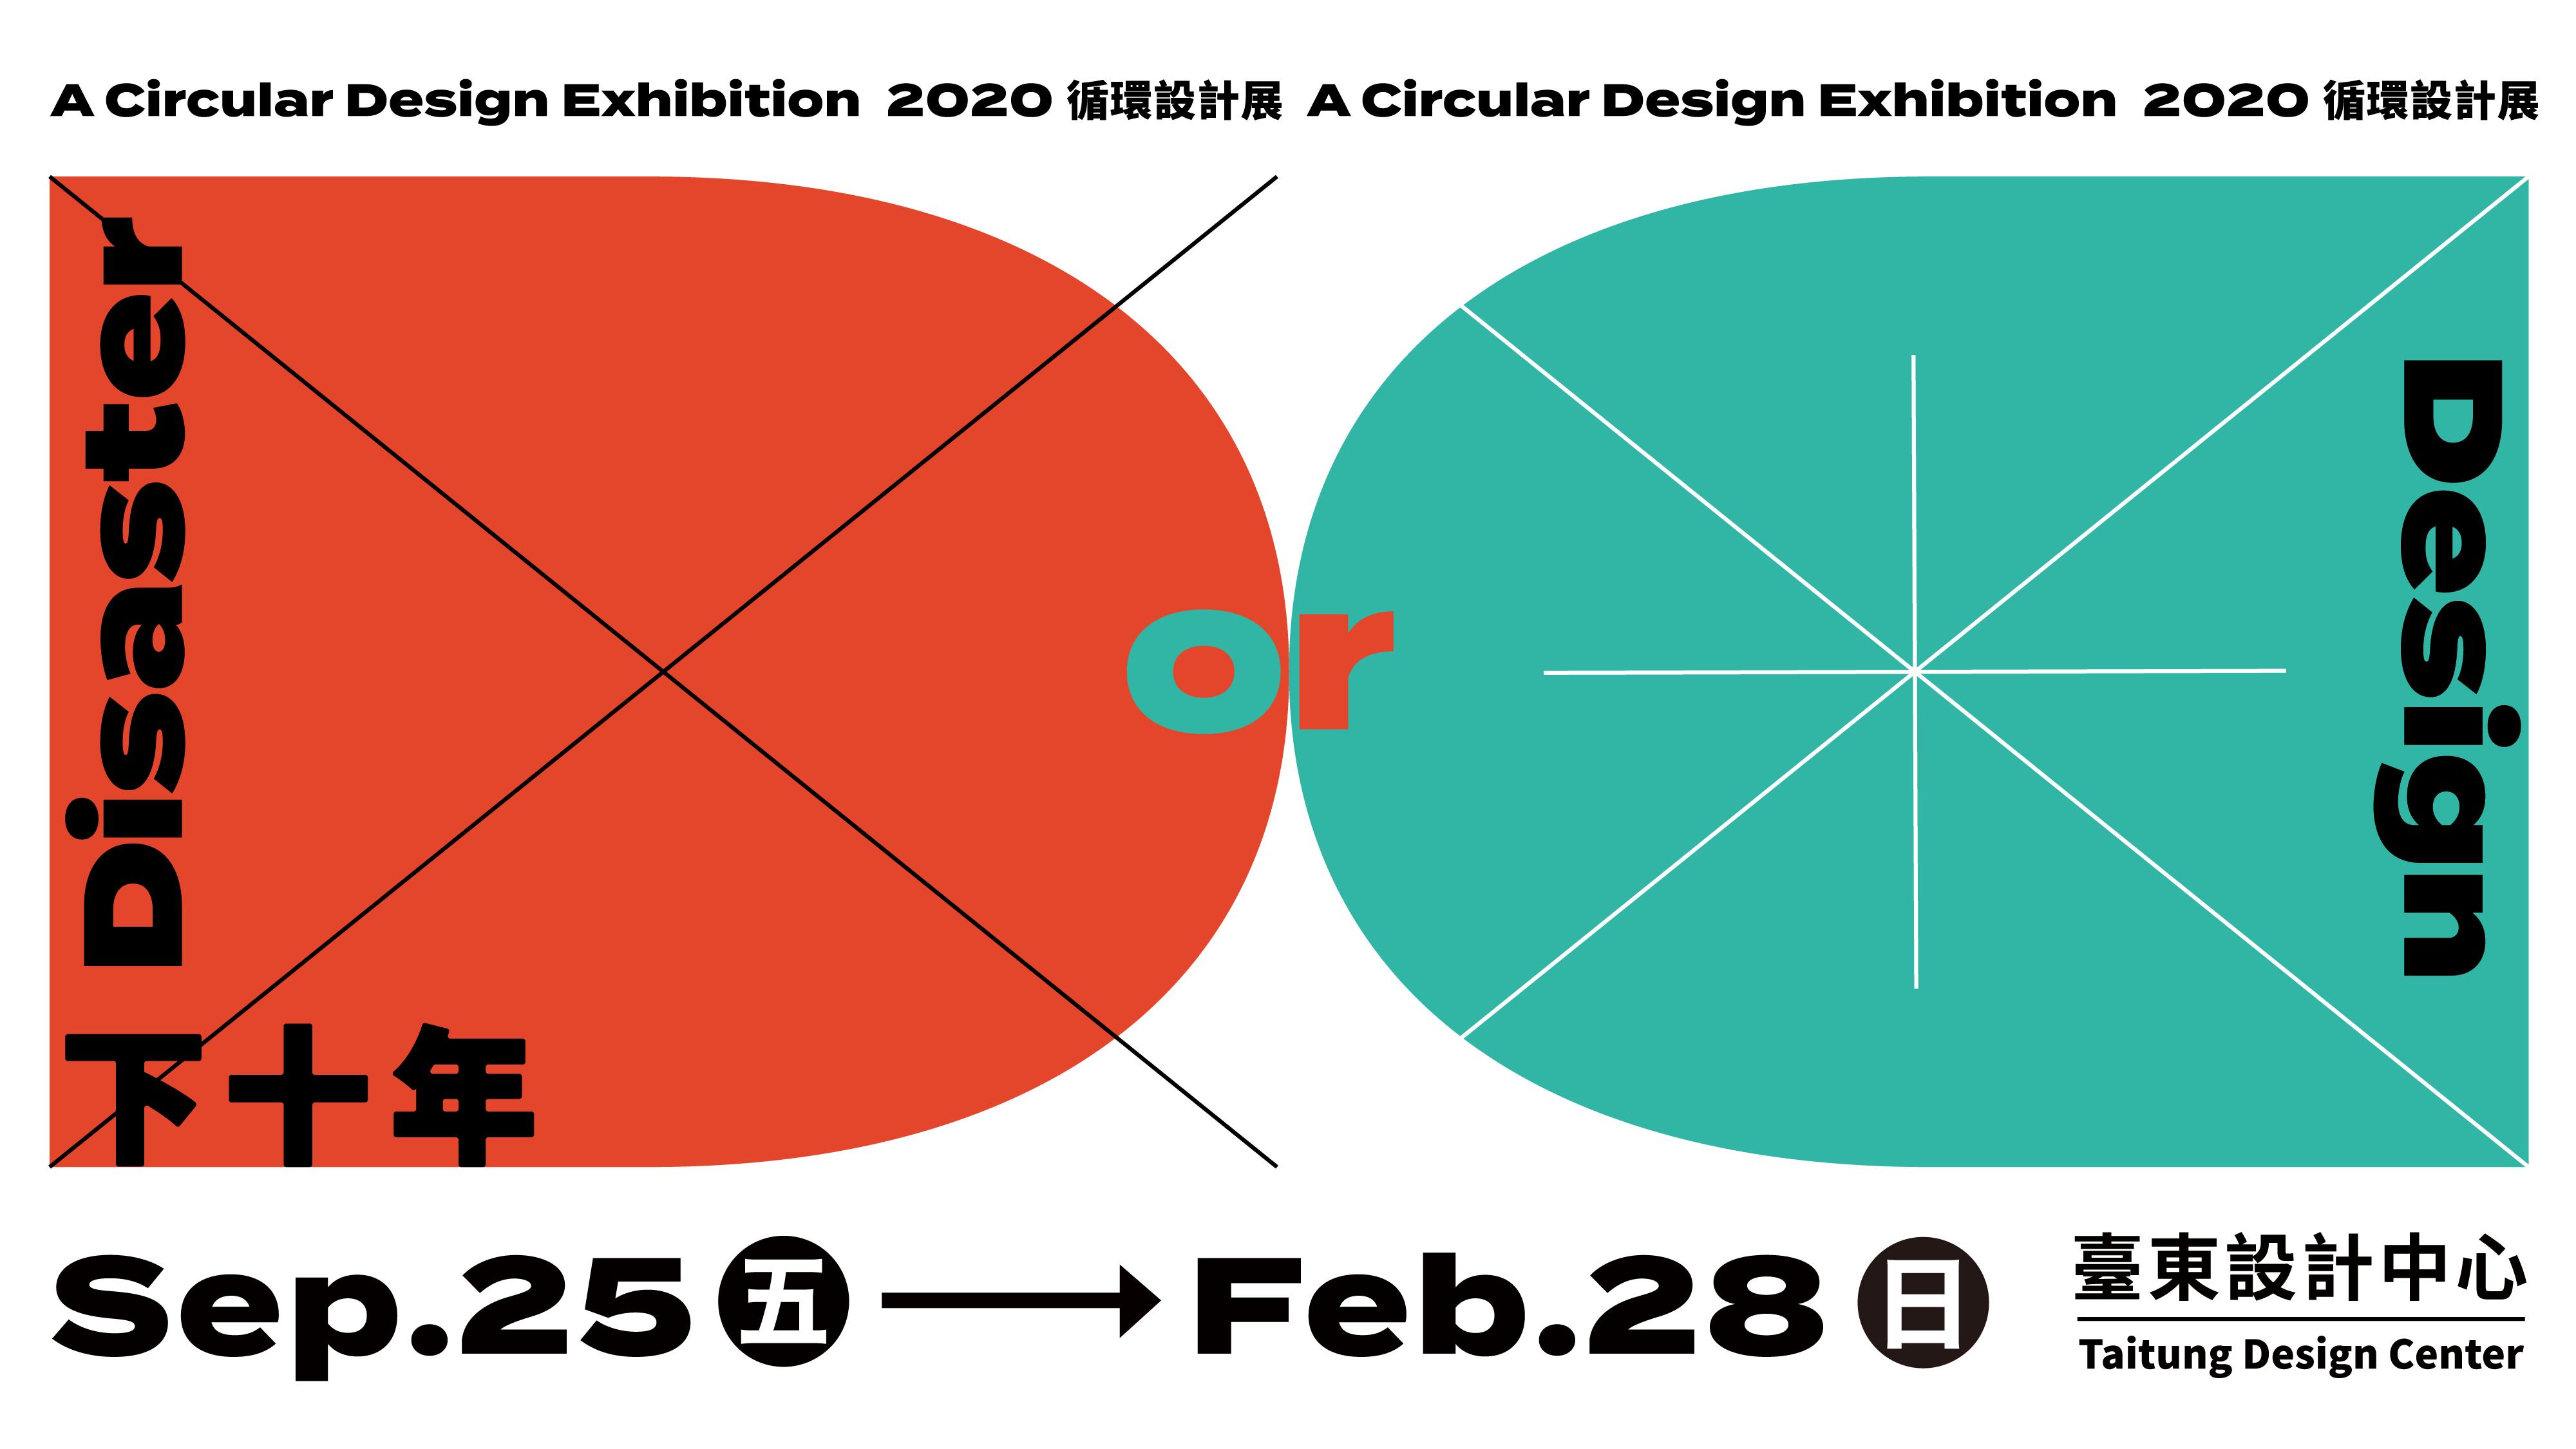 展覽|下十年,循環設計展